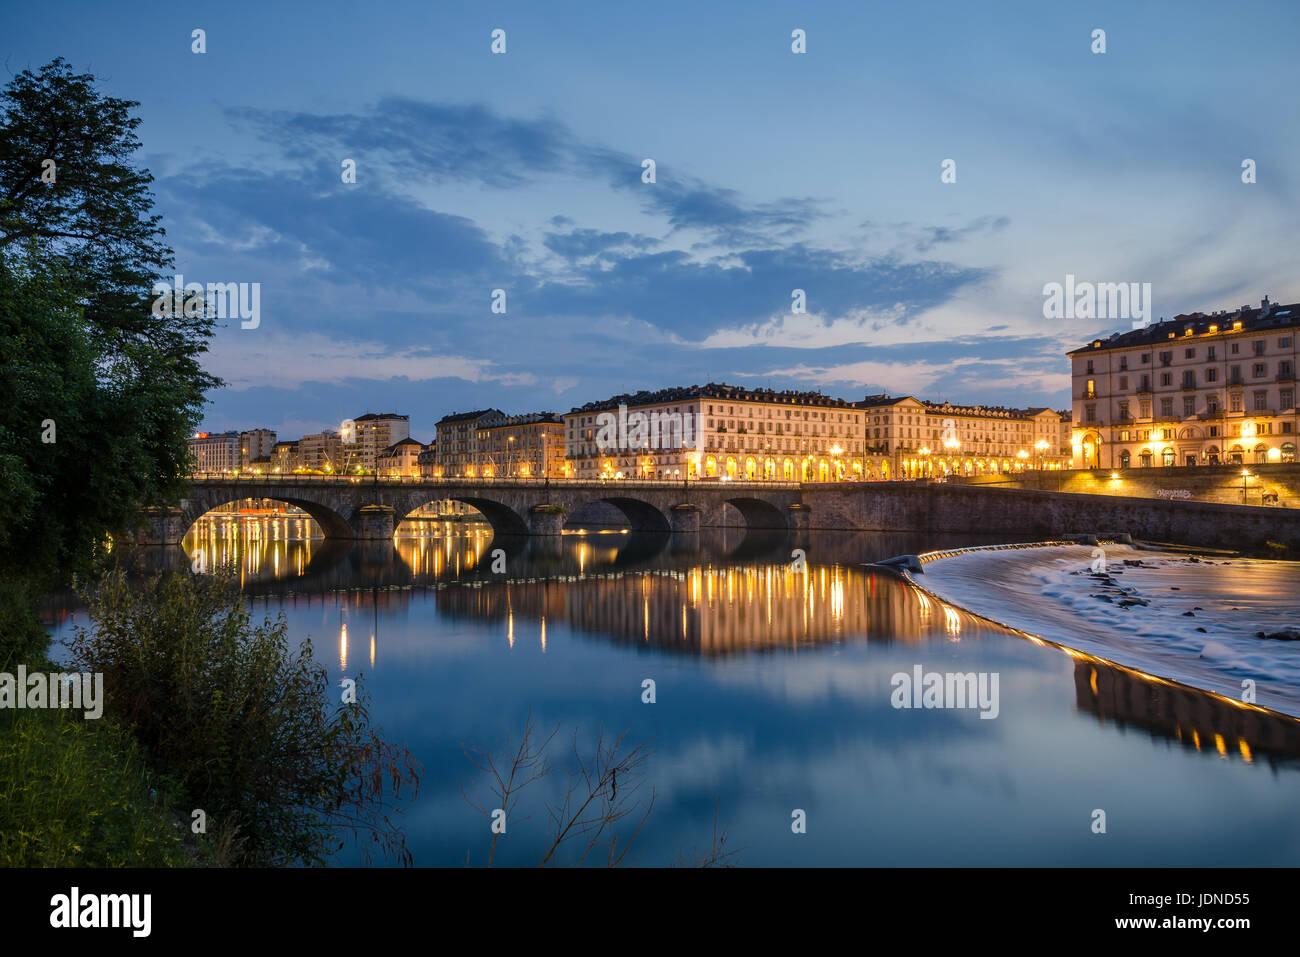 Turín vista panorámica del río Po y Piazza Vittorio con una arquitectura elegante. Foto de stock